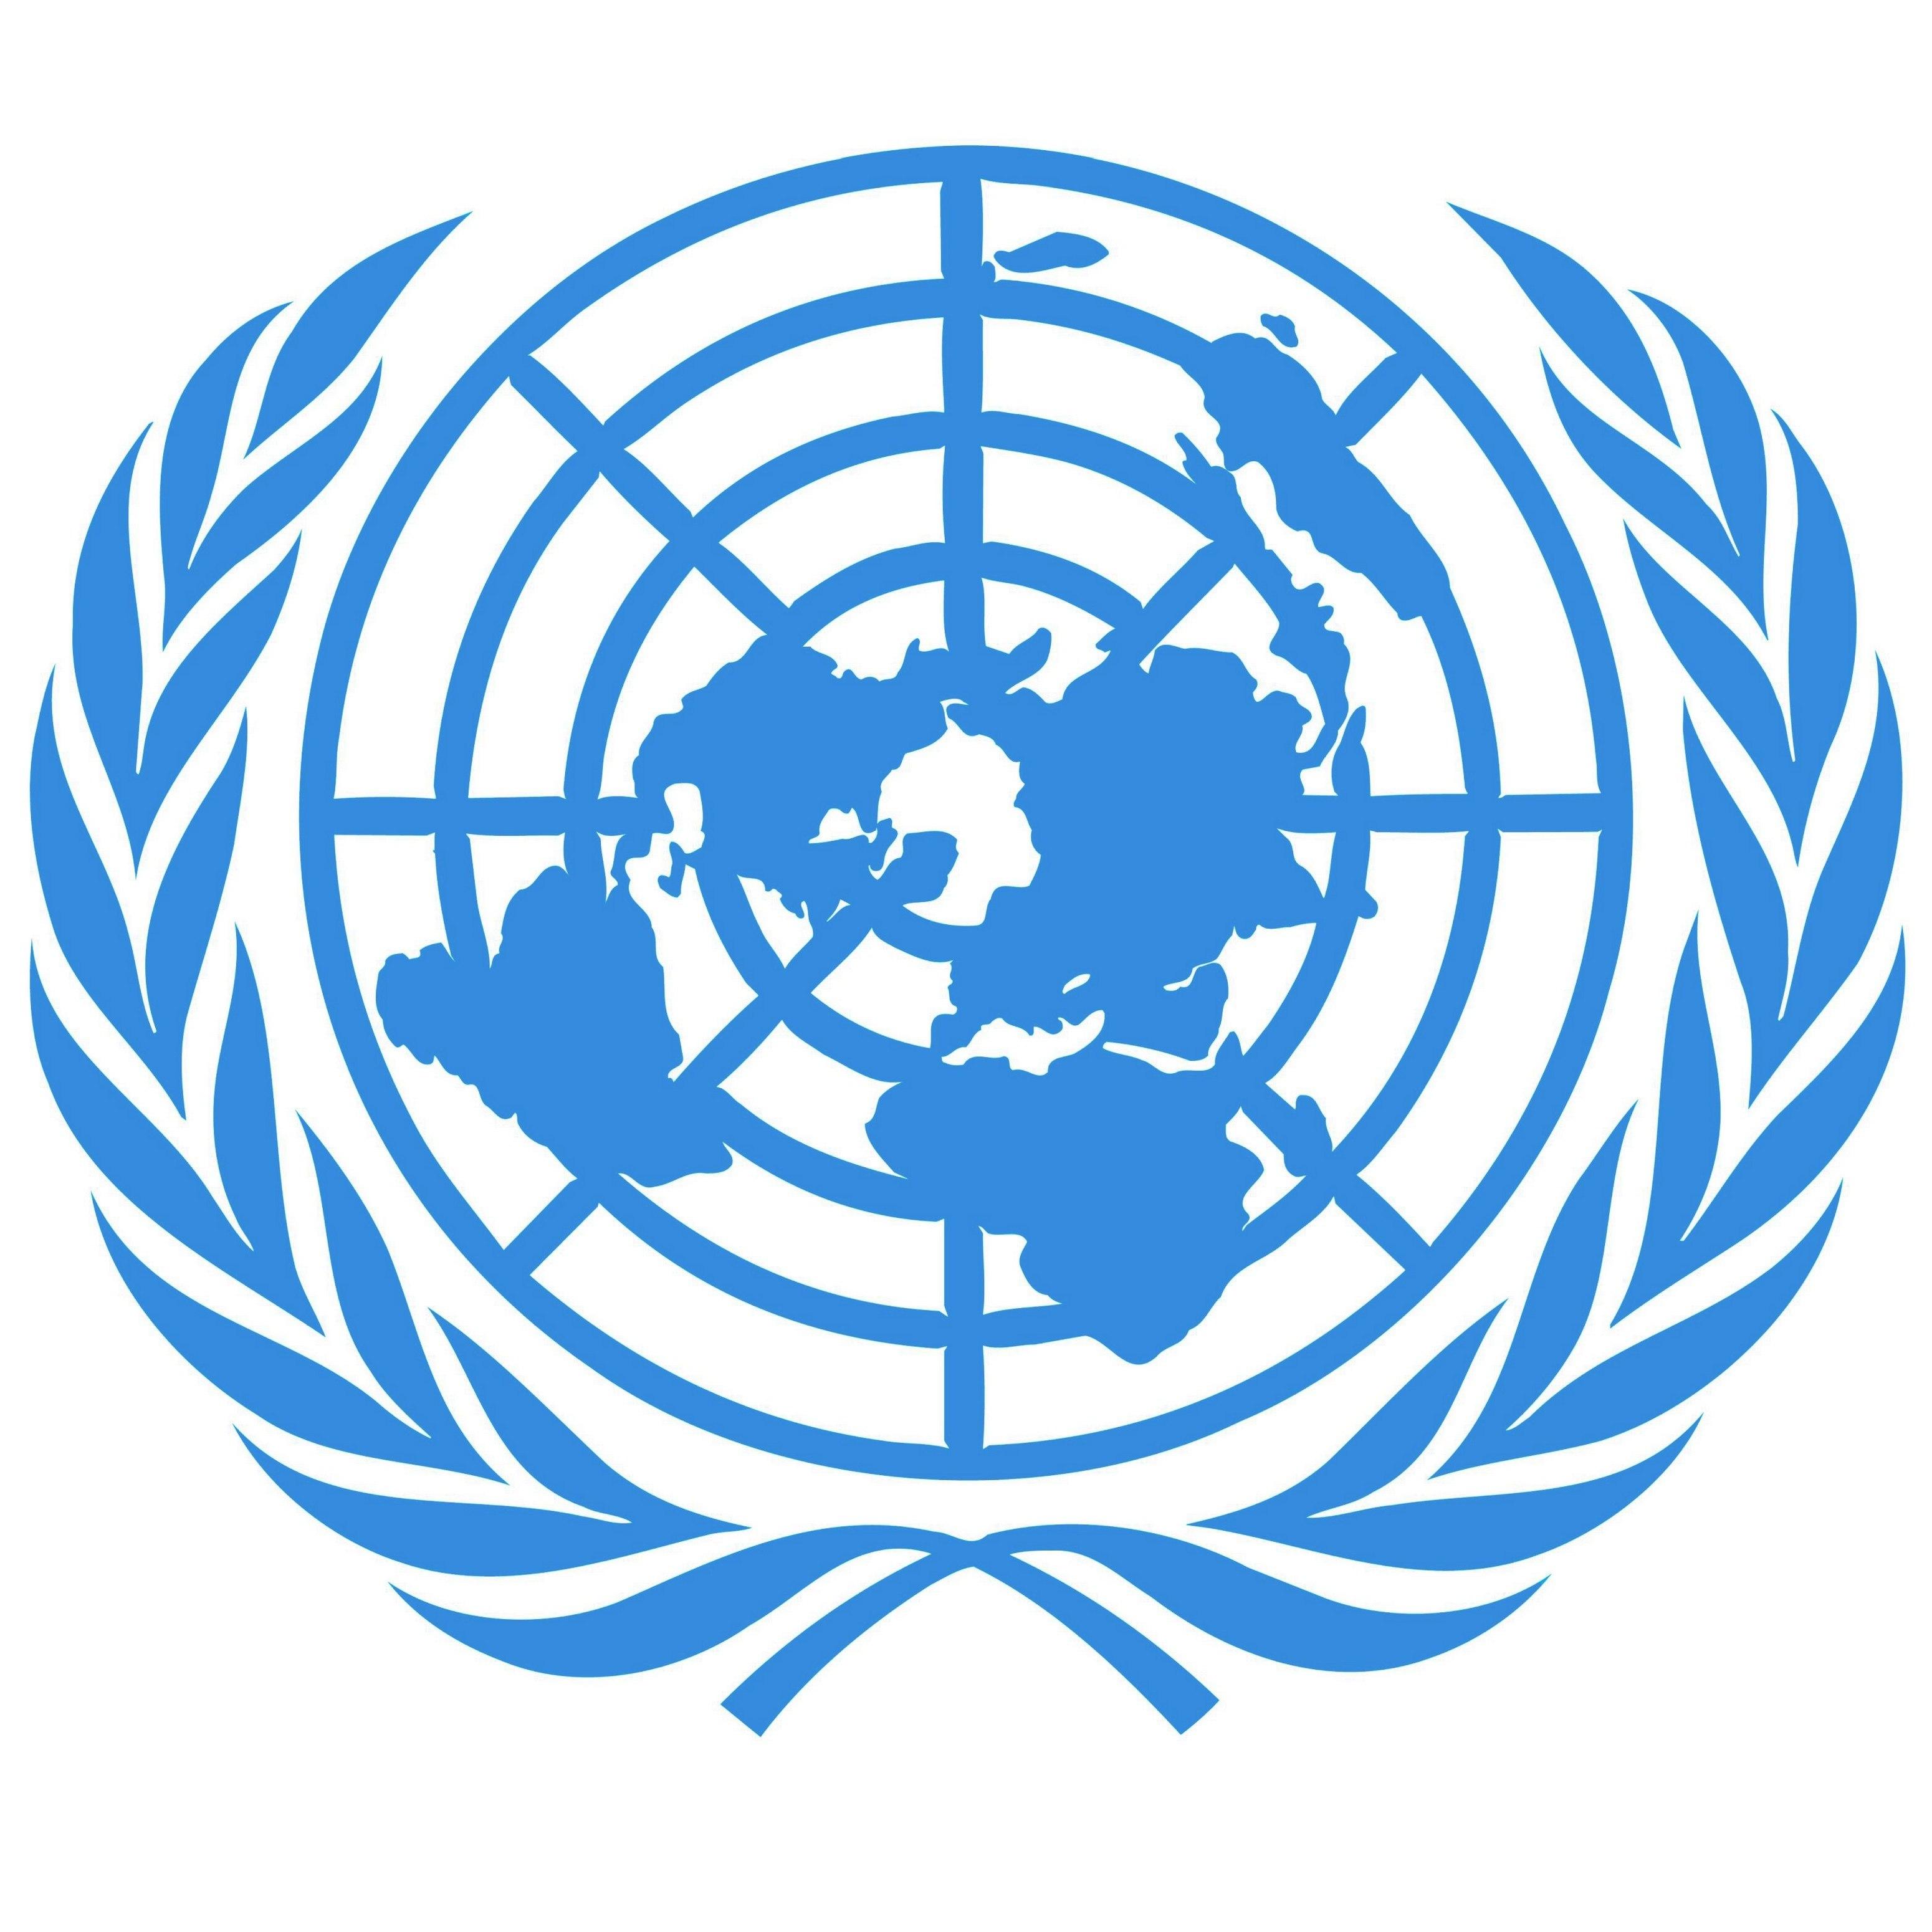 ميثاق الأمم المتحدة المقدمة نظرة تاريخية